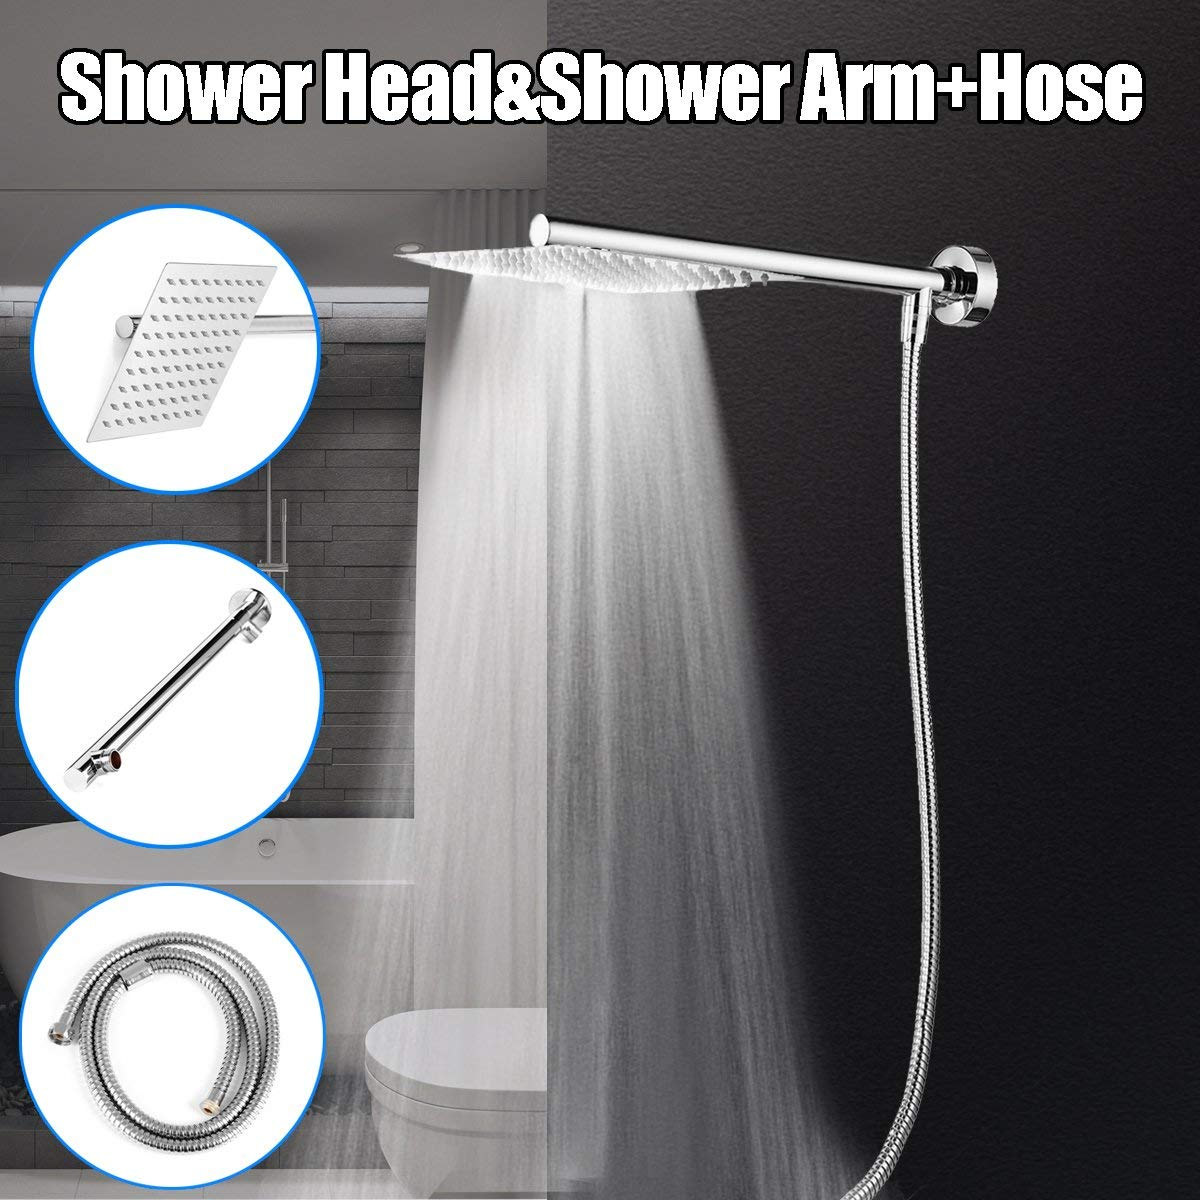 Cheap Dog Shower Hose, find Dog Shower Hose deals on line at Alibaba.com